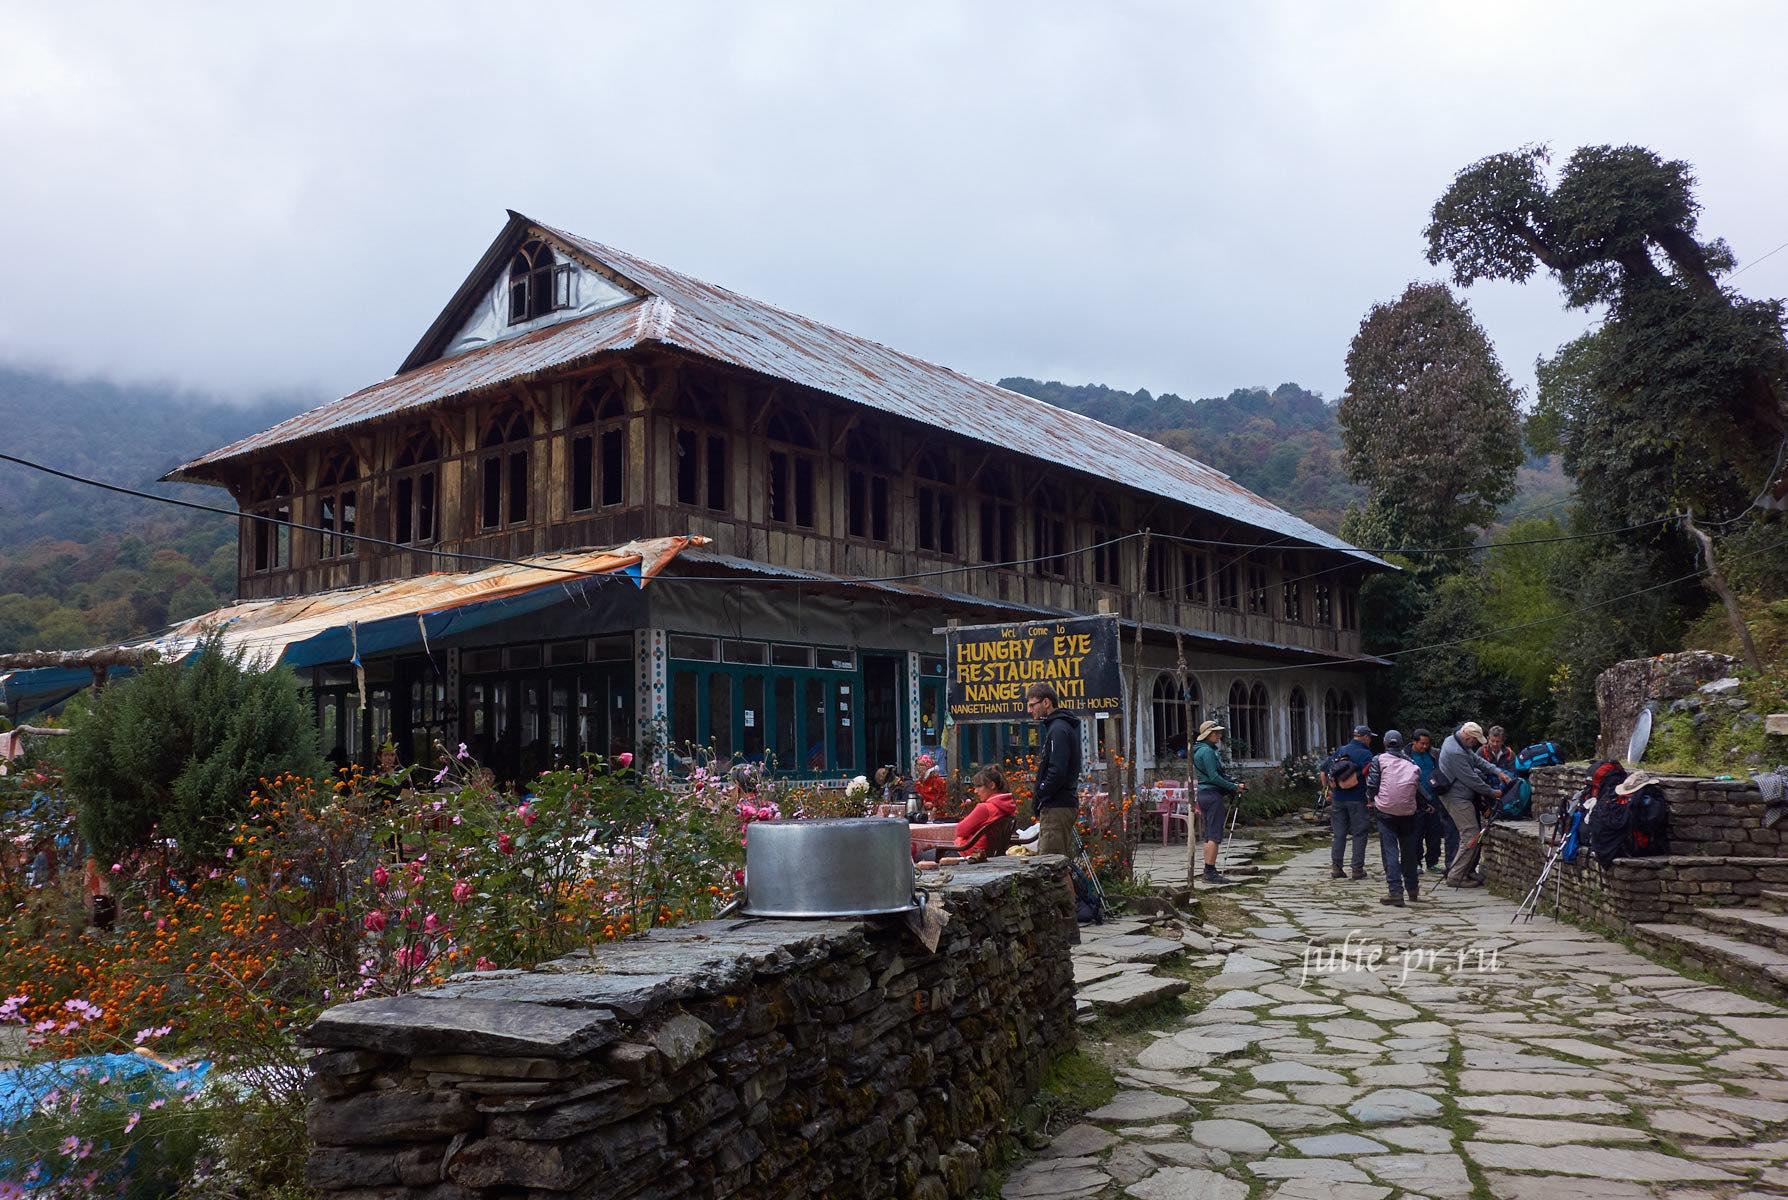 Непал, Пун-Хилл трек, Заброшенный дом